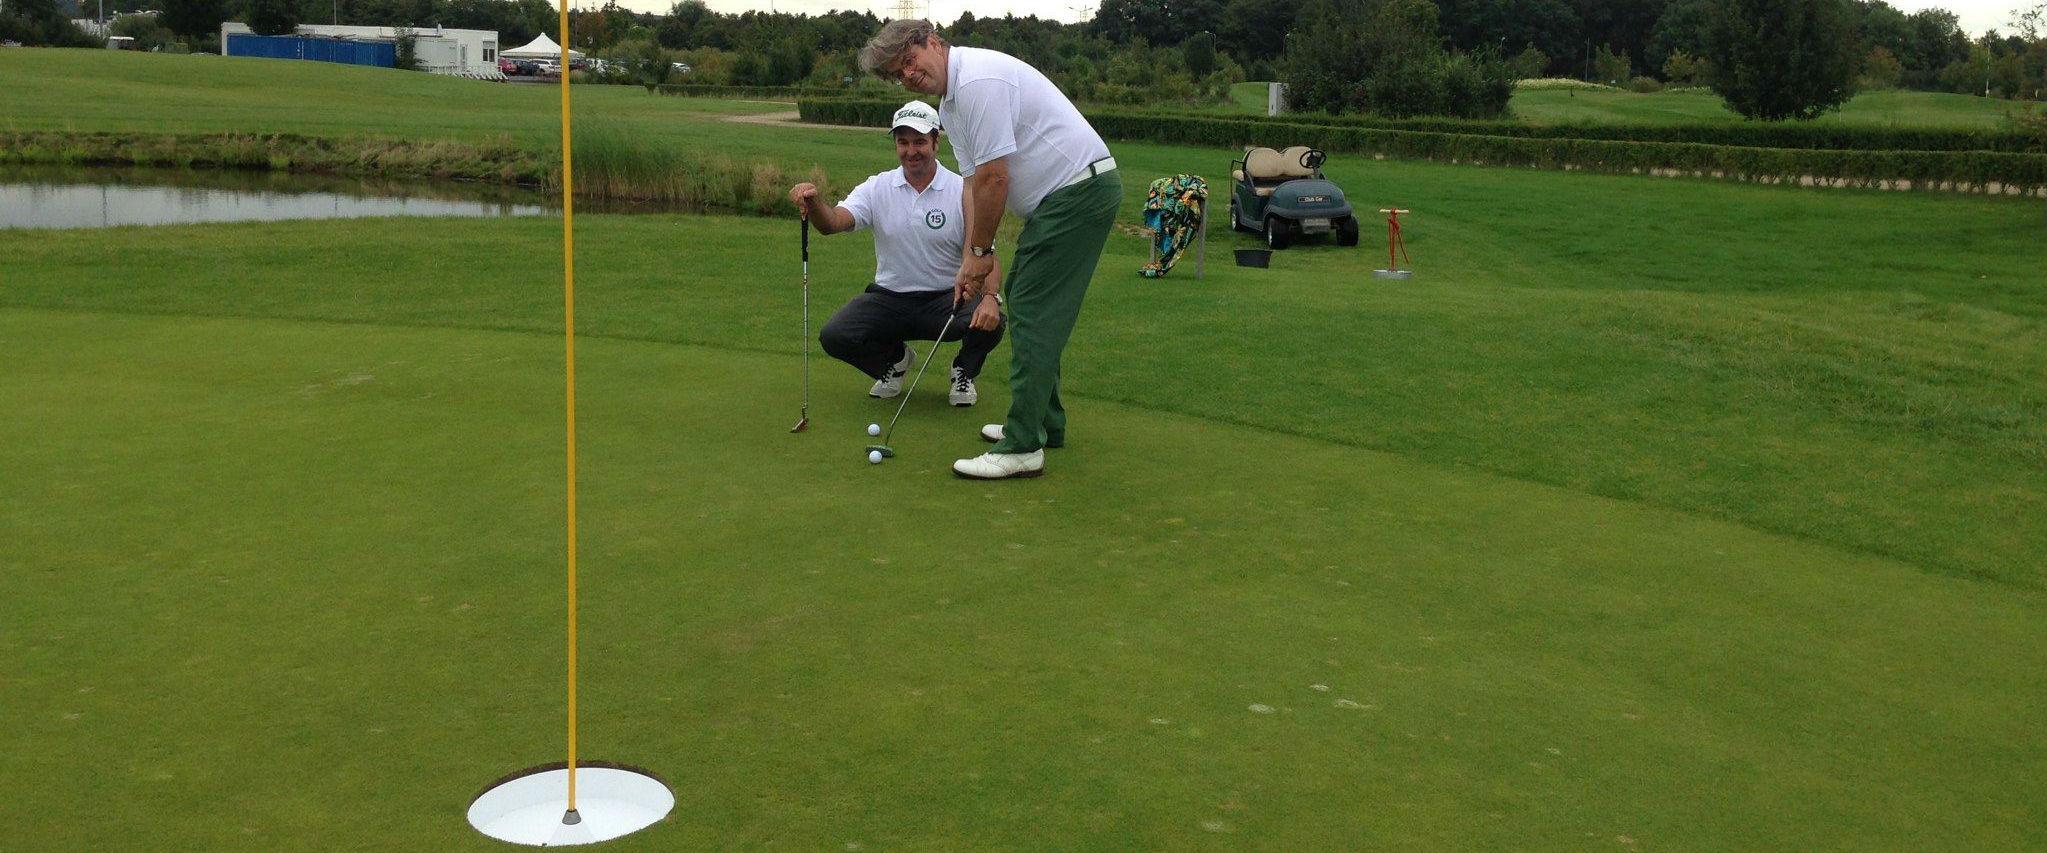 Tap-In zum Birdie und ab zum nächsten Loch: Golf15 macht Spaß, und das ist die Hauptsache. (Foto: Golf Post)